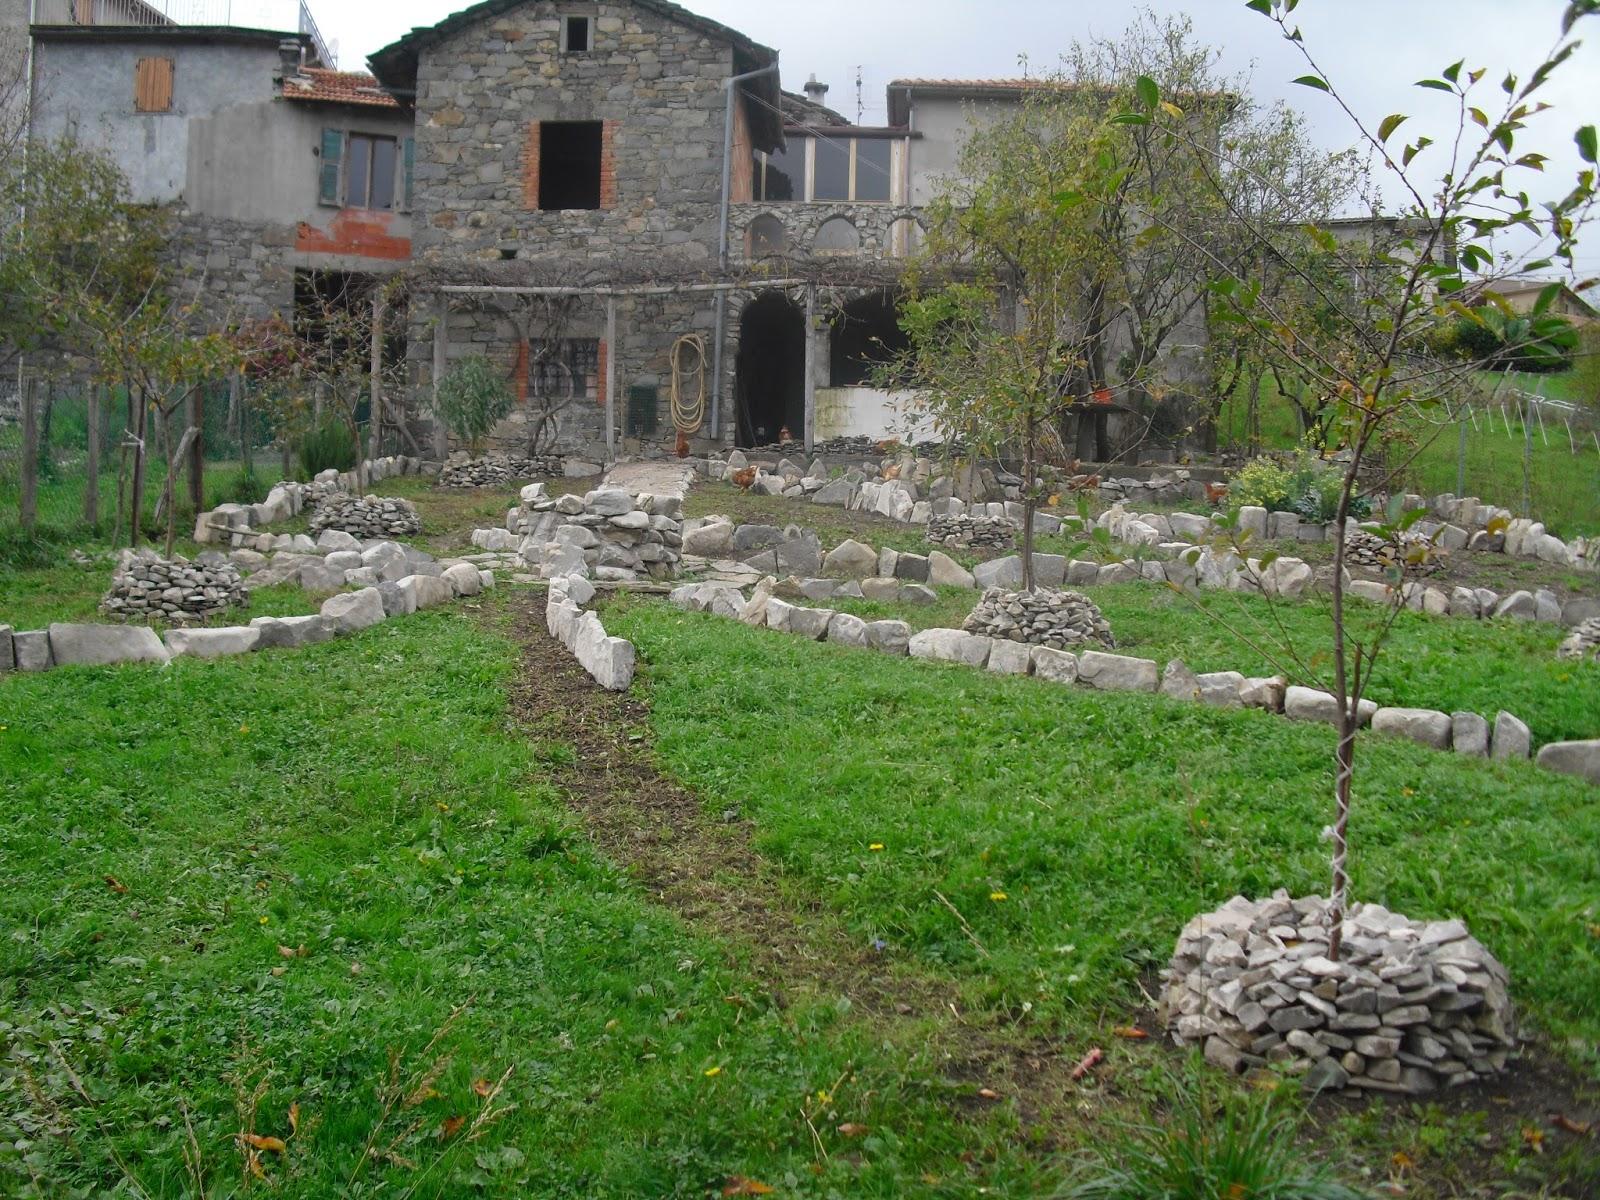 Ricomincio da zeri: un giardino di pietre